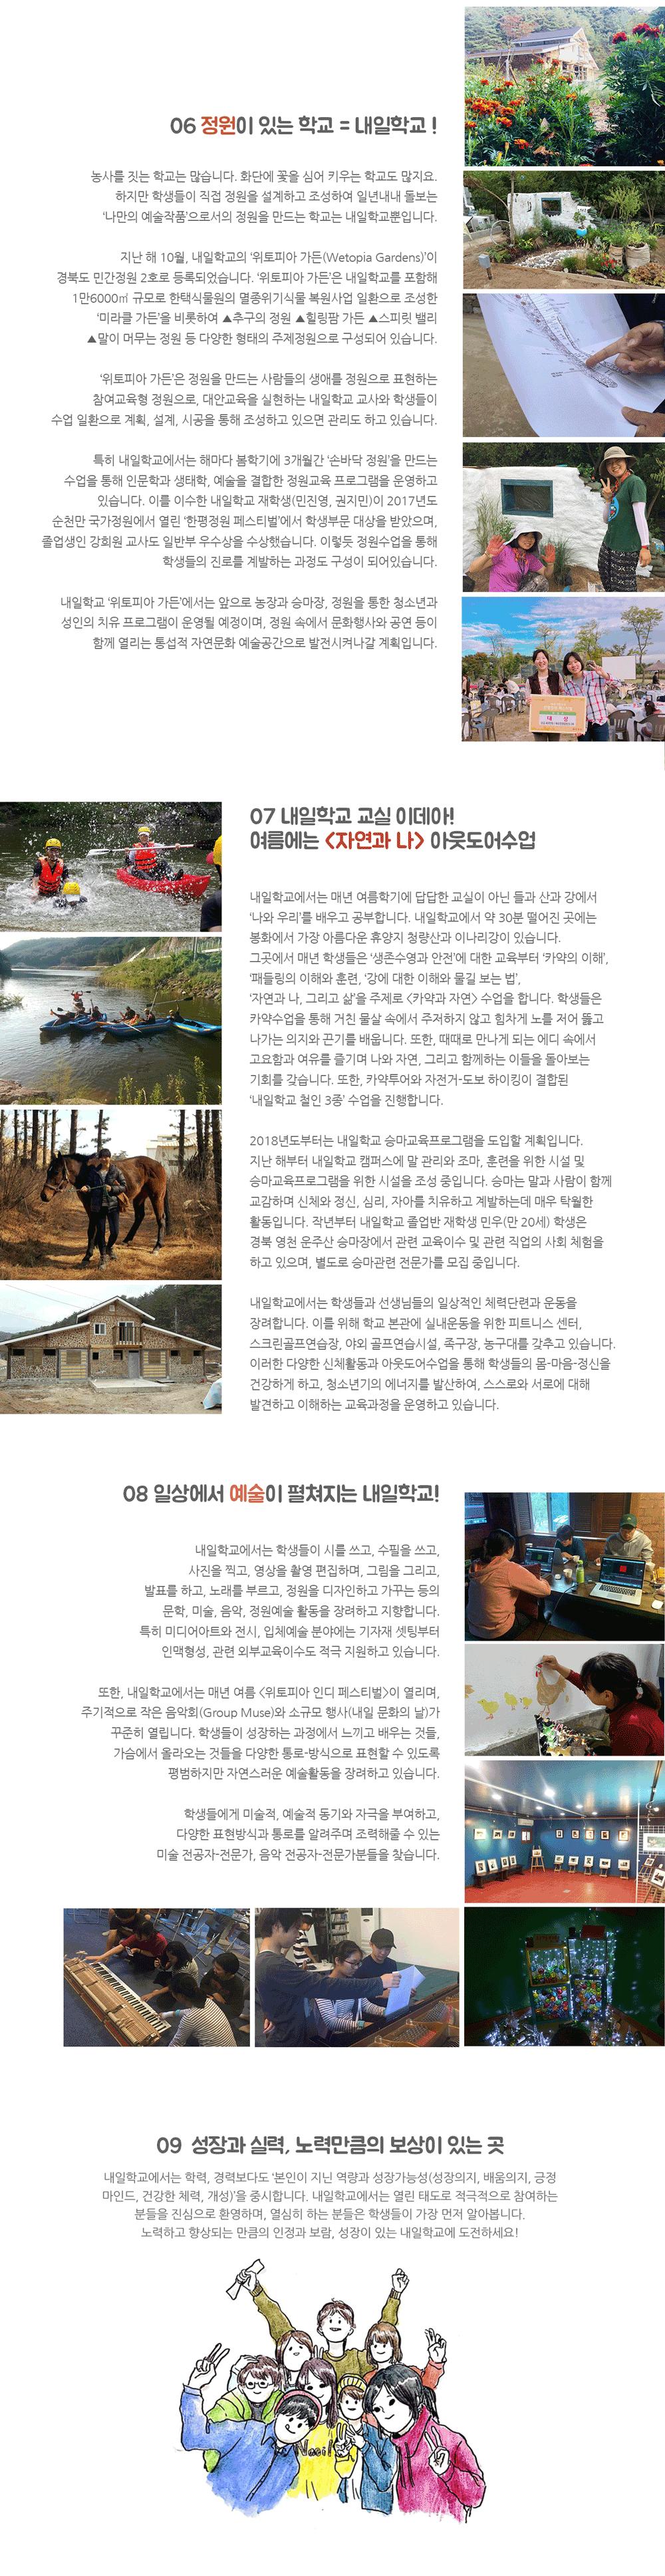 내일학교-채용공고_내일학교소개(자람도우미)_2_01.png